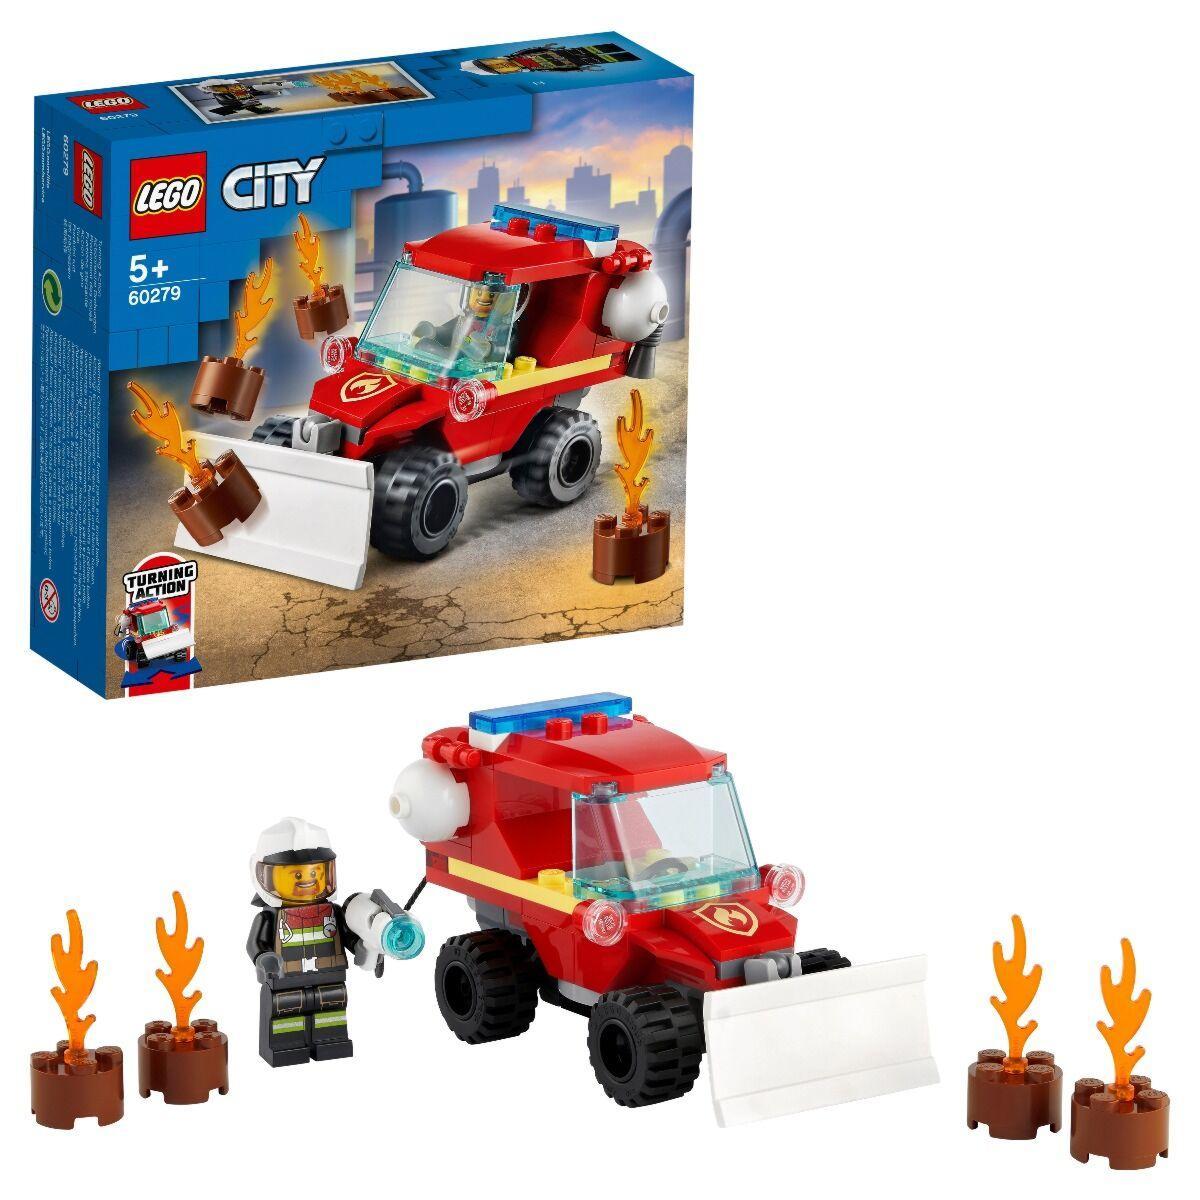 LEGO: Пожарный автомобиль CITY 60279